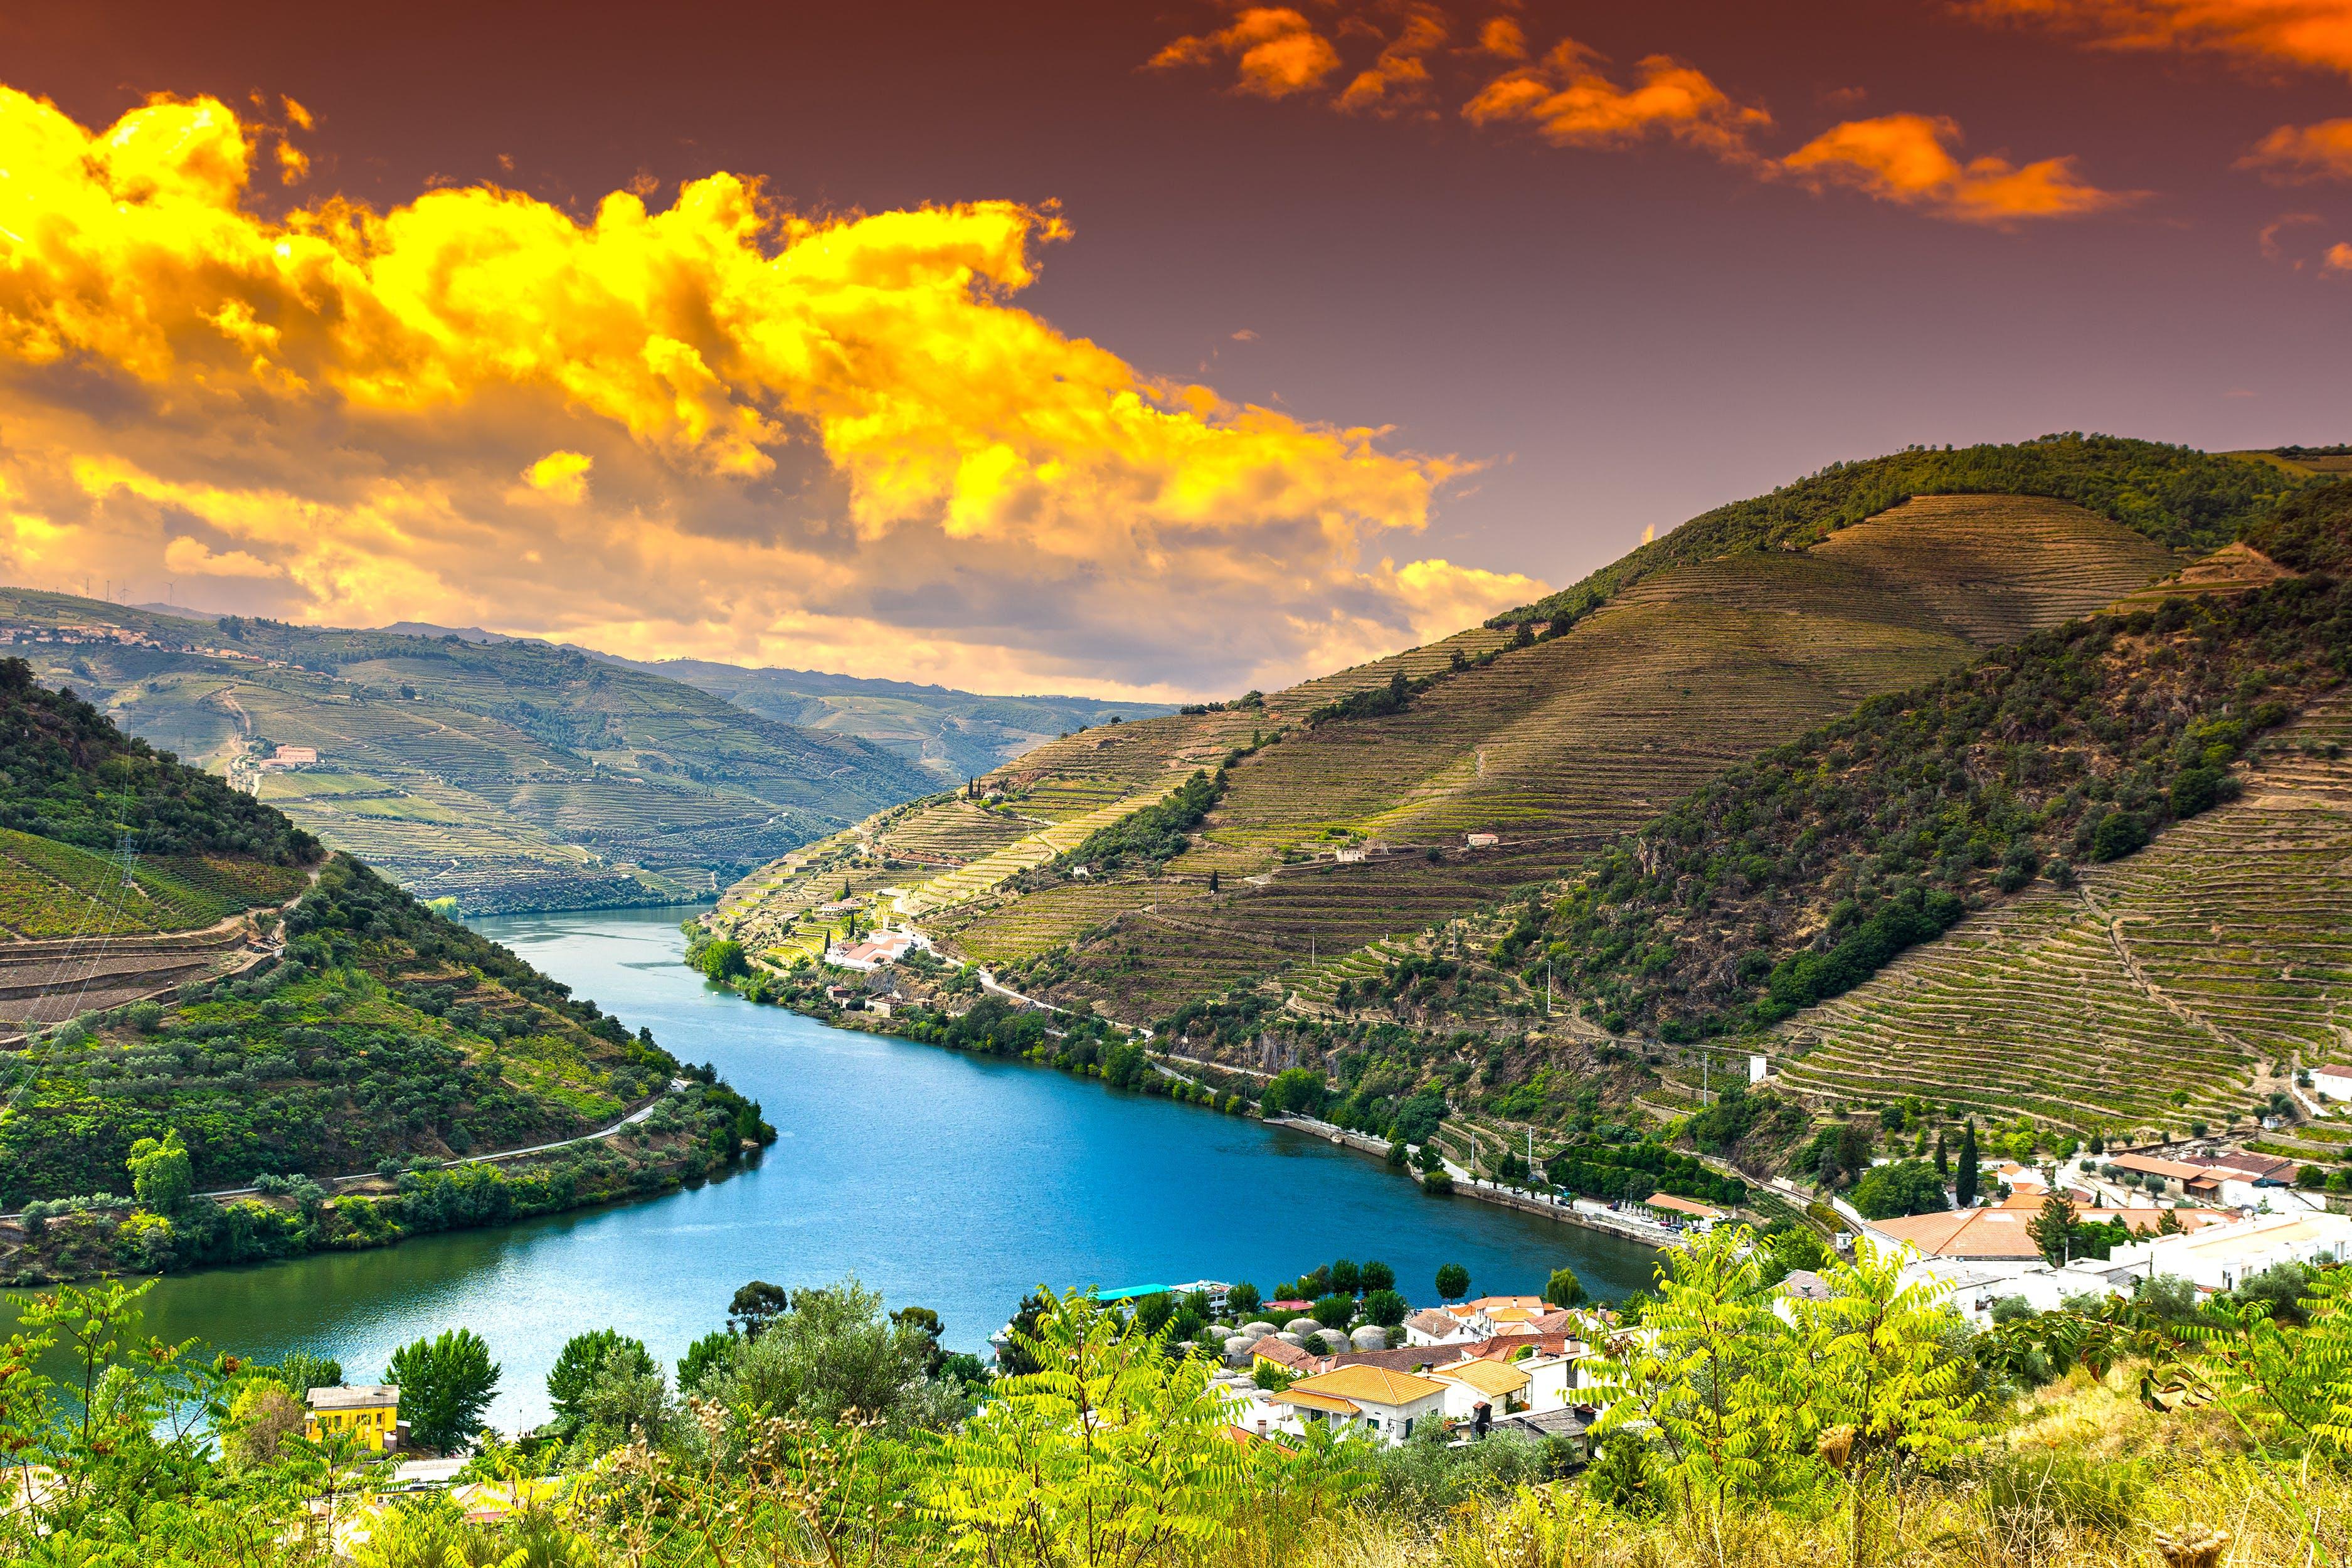 De Douro kronkelt zich een weg door het landschap